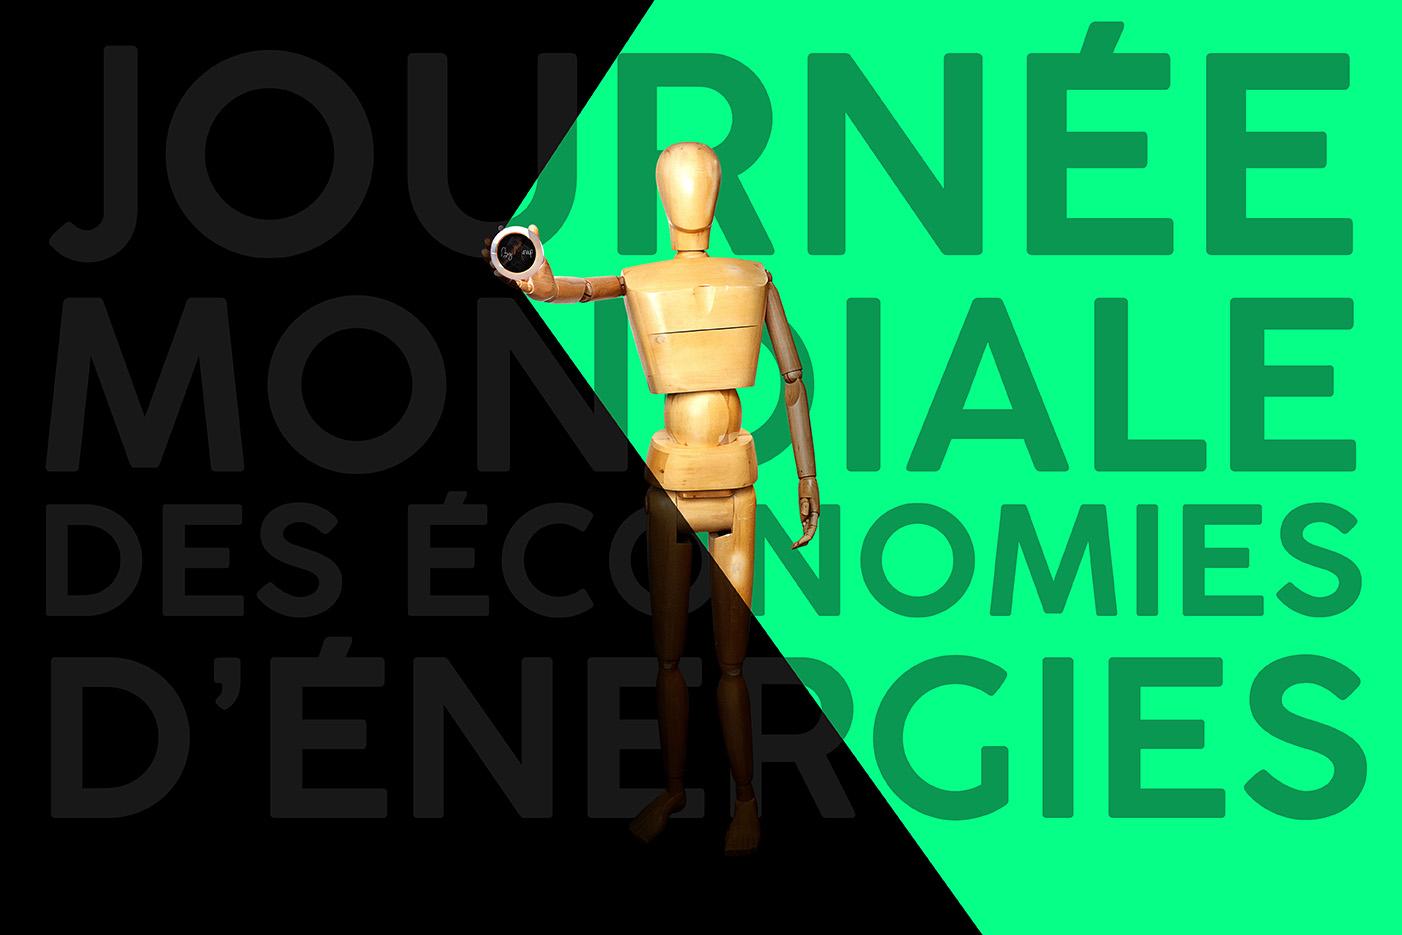 Journée mondiale des économies d'énergies